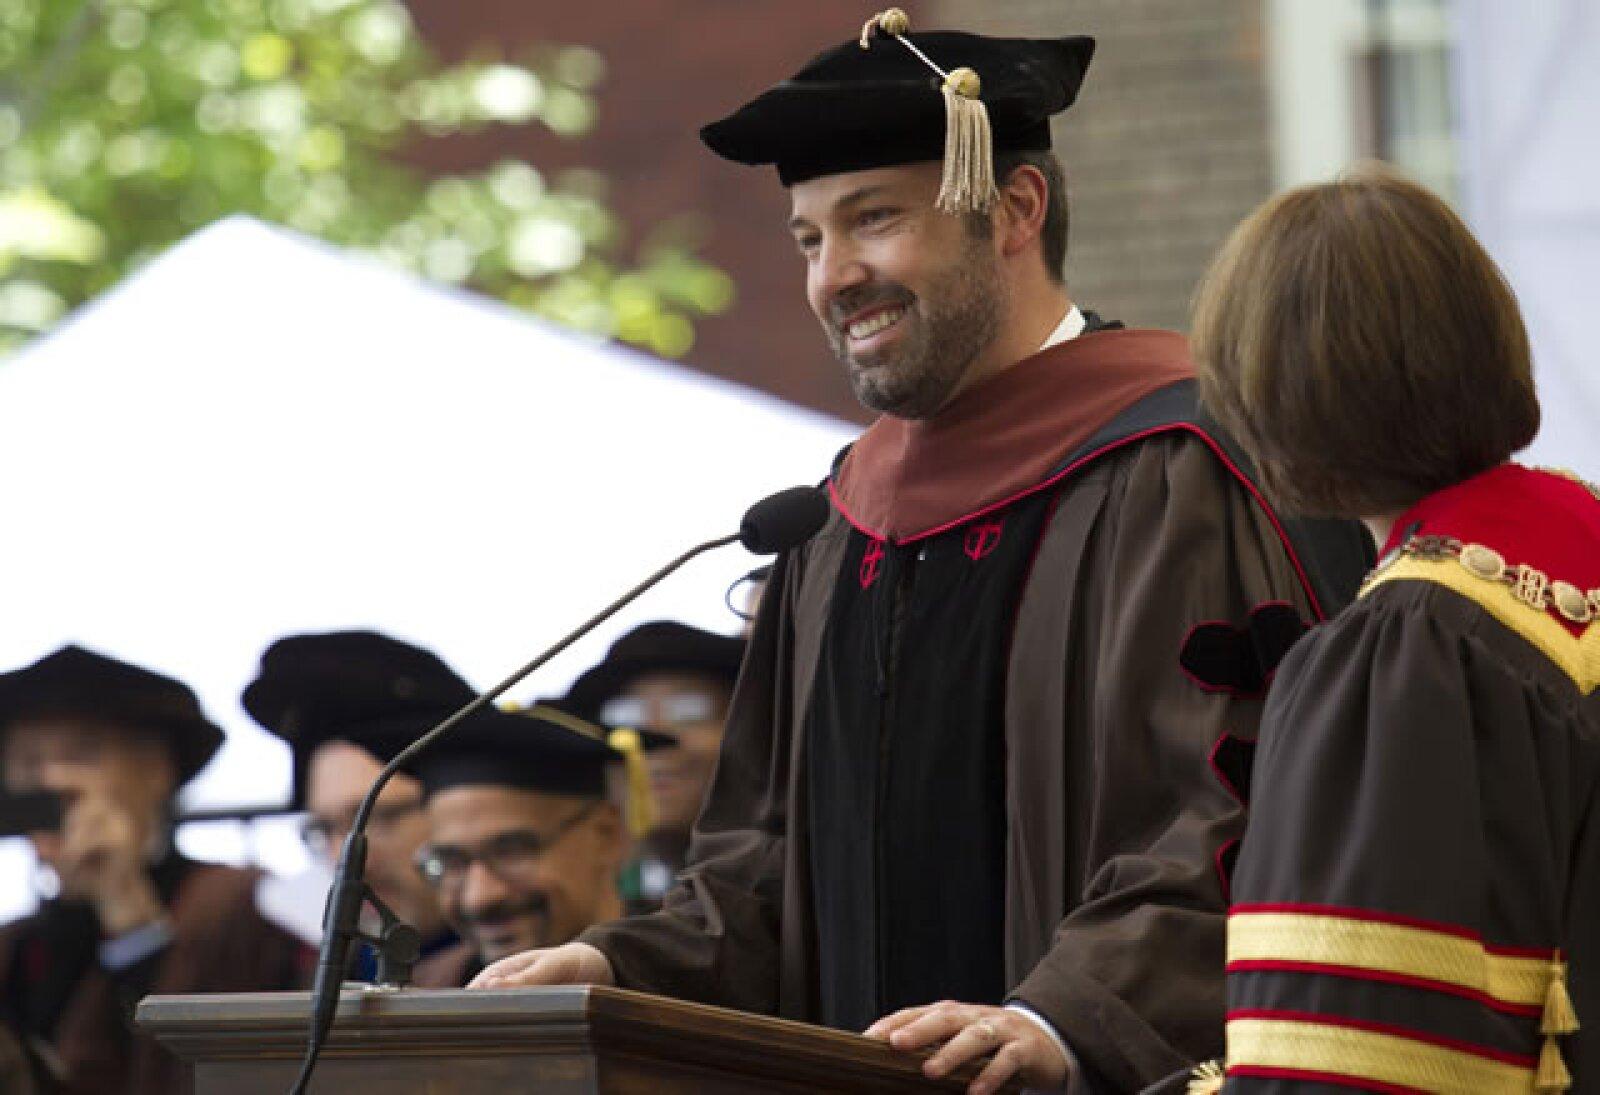 Ben Affleck recibió su diploma por parte de la Universidad de Brown por haber estudiado Bellas Artes, esto sucedió el 26 de mayo de este año.